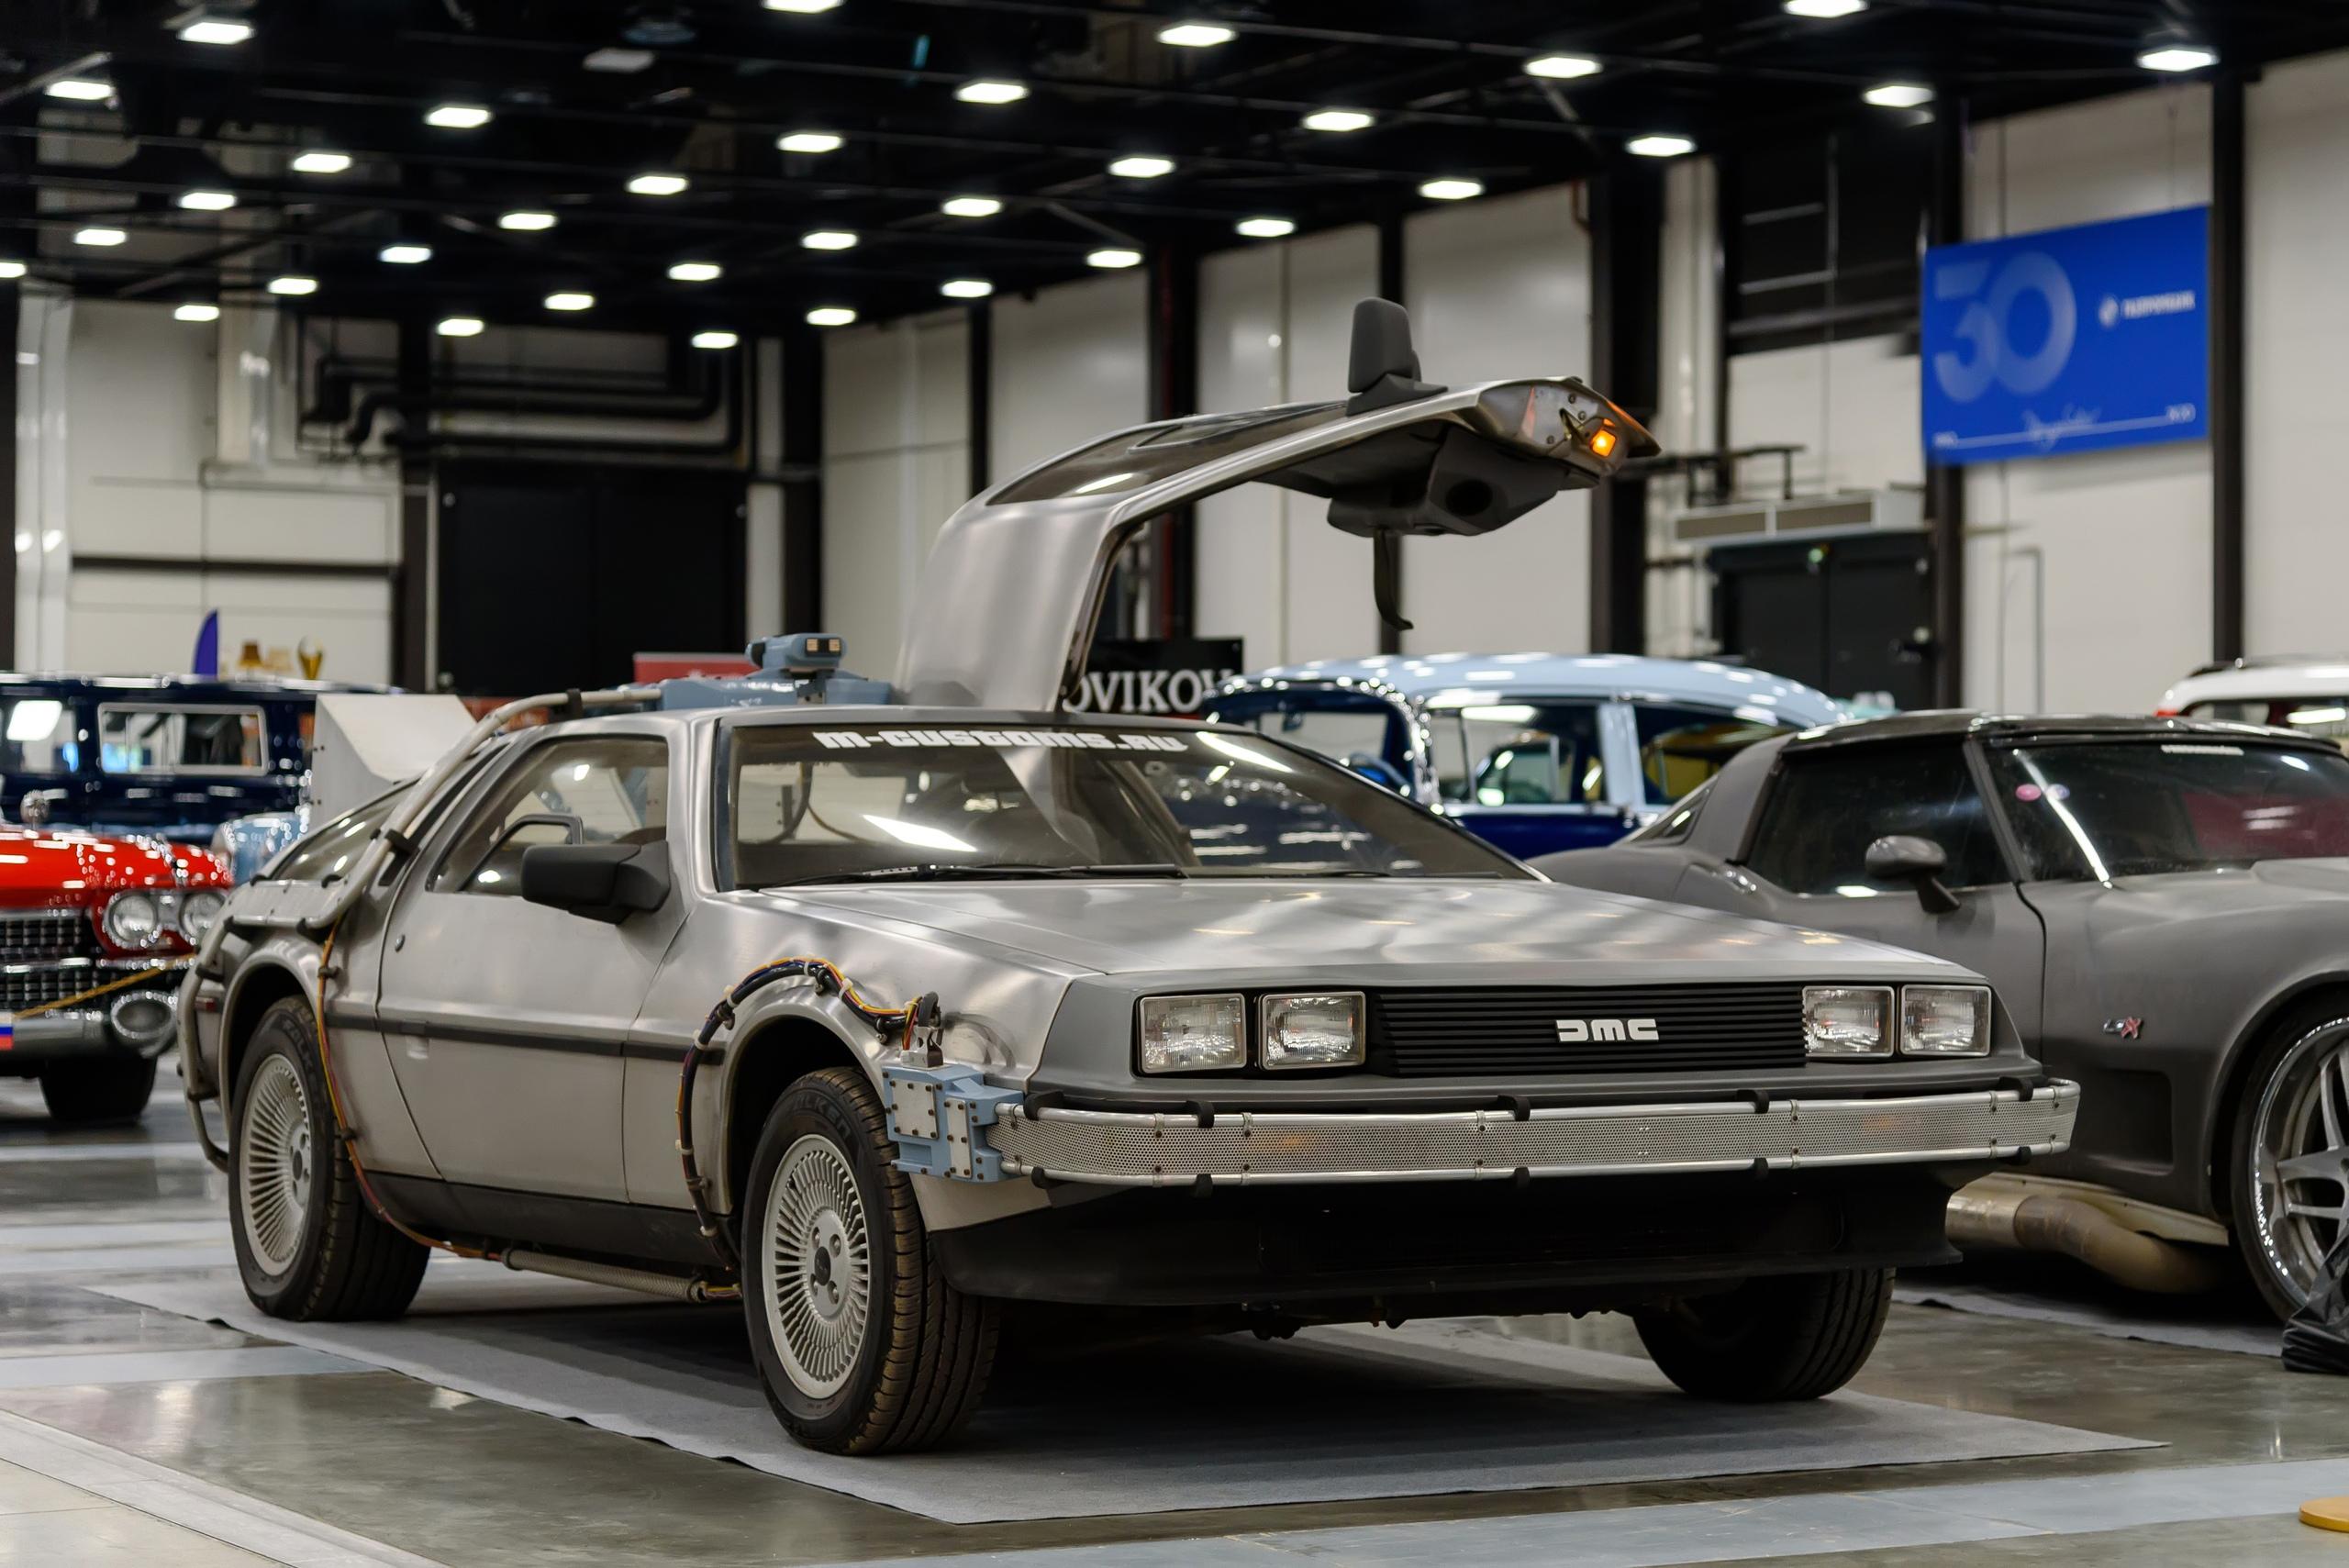 Впервые вижу в Петербурге — DeLorean DMC-12 из Москвы, с обвесом в стиле фильма Назад в Будущее